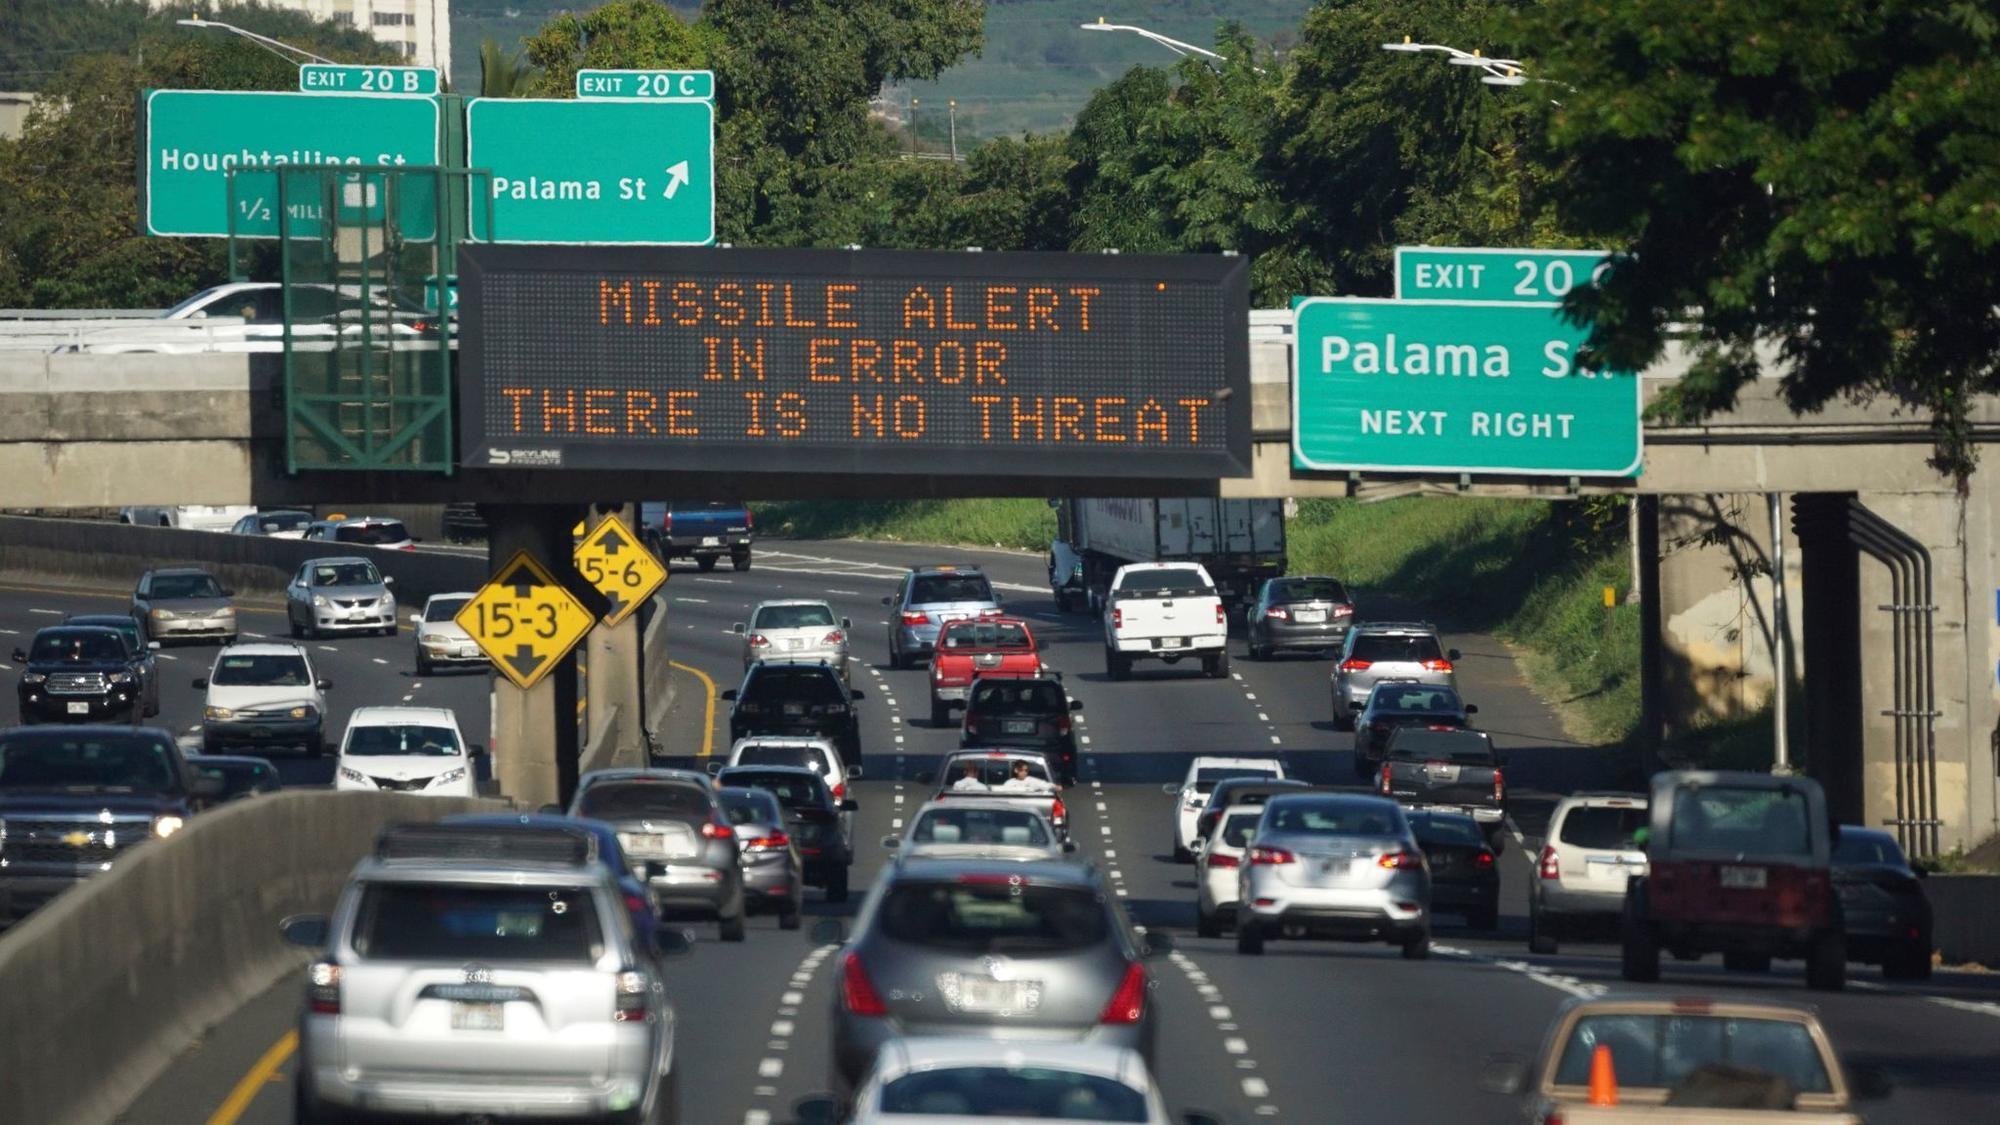 The good news about Hawaii's false alarm